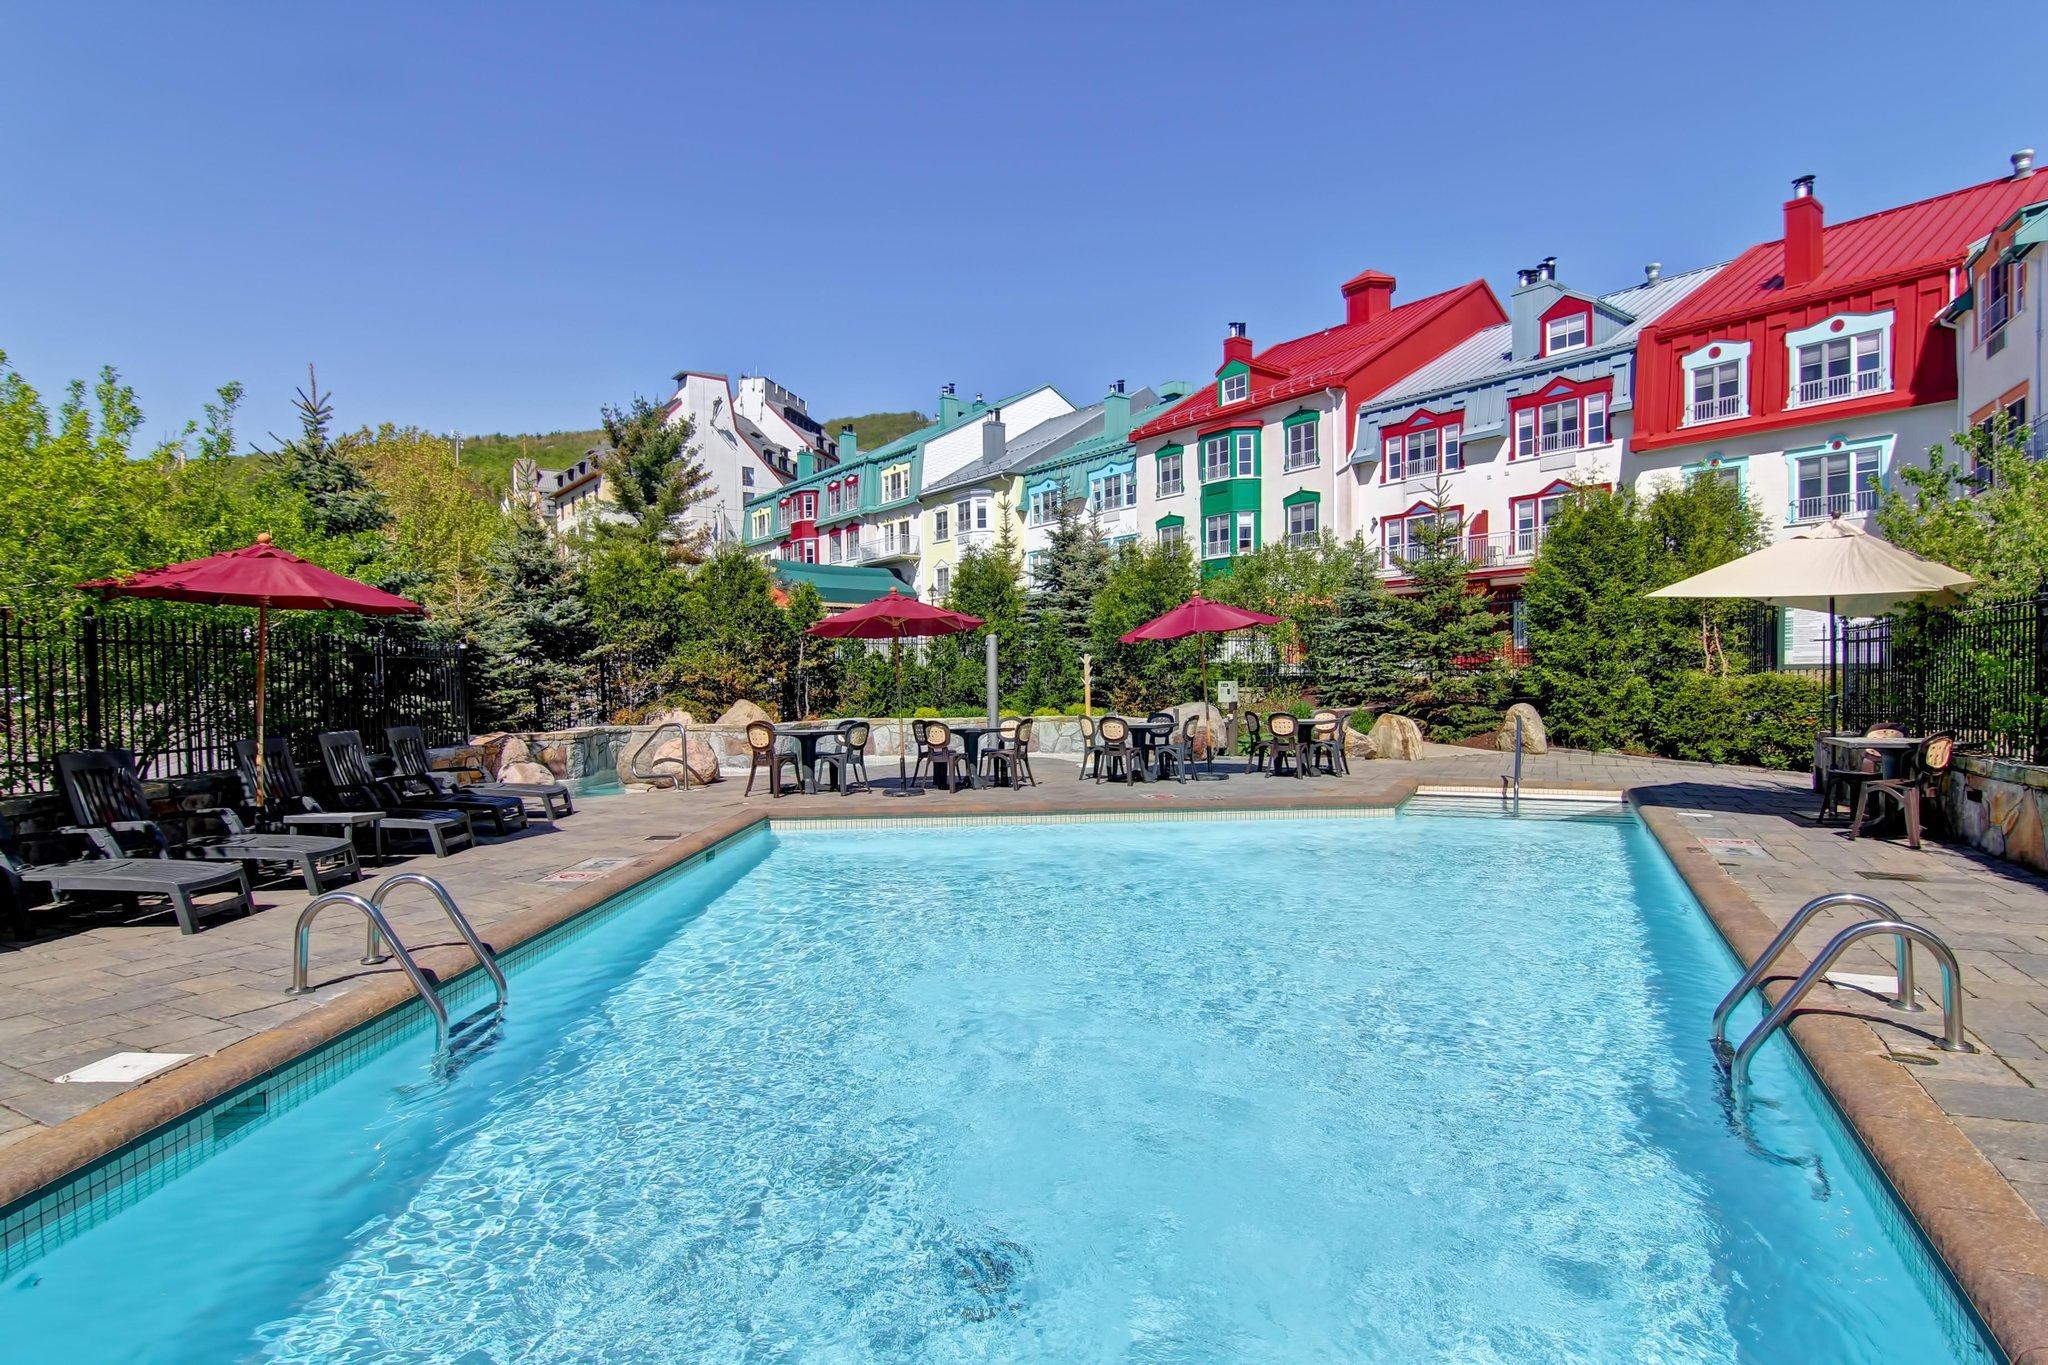 蒙特朗布朗渡假村希爾頓惠庭套房飯店